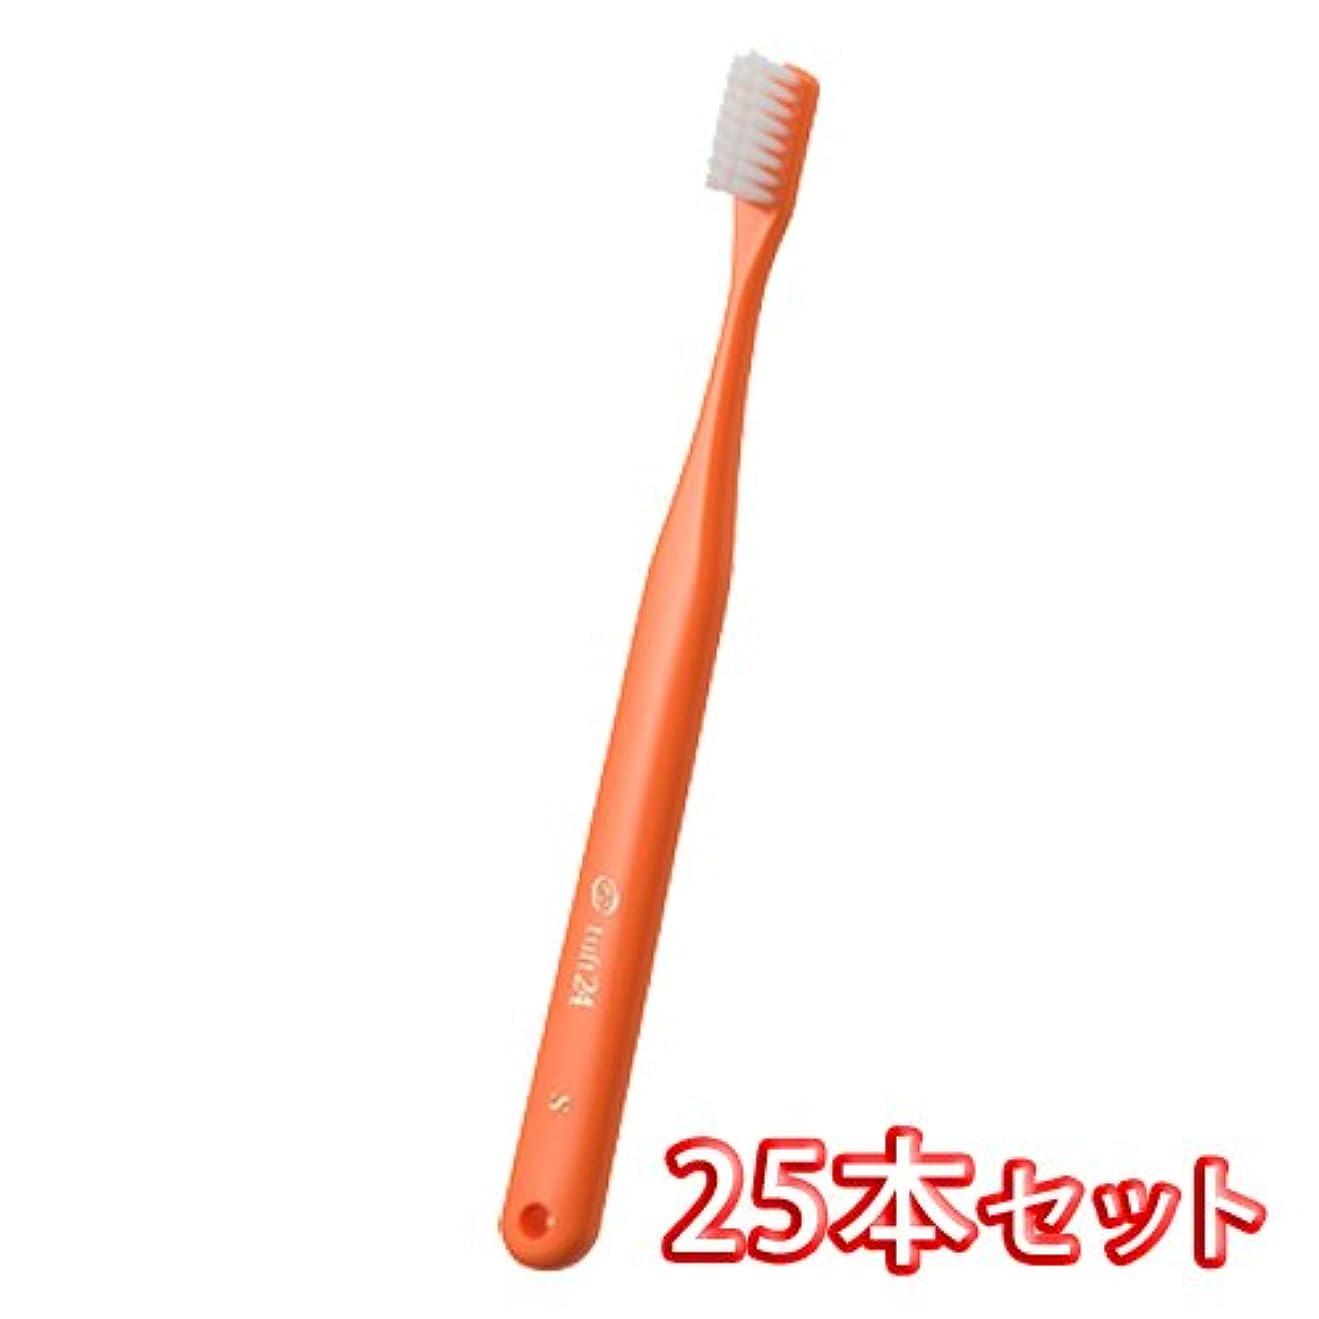 硬い控える小康オーラルケア キャップ付き タフト 24歯ブラシ 25本入 ミディアム M (オレンジ)